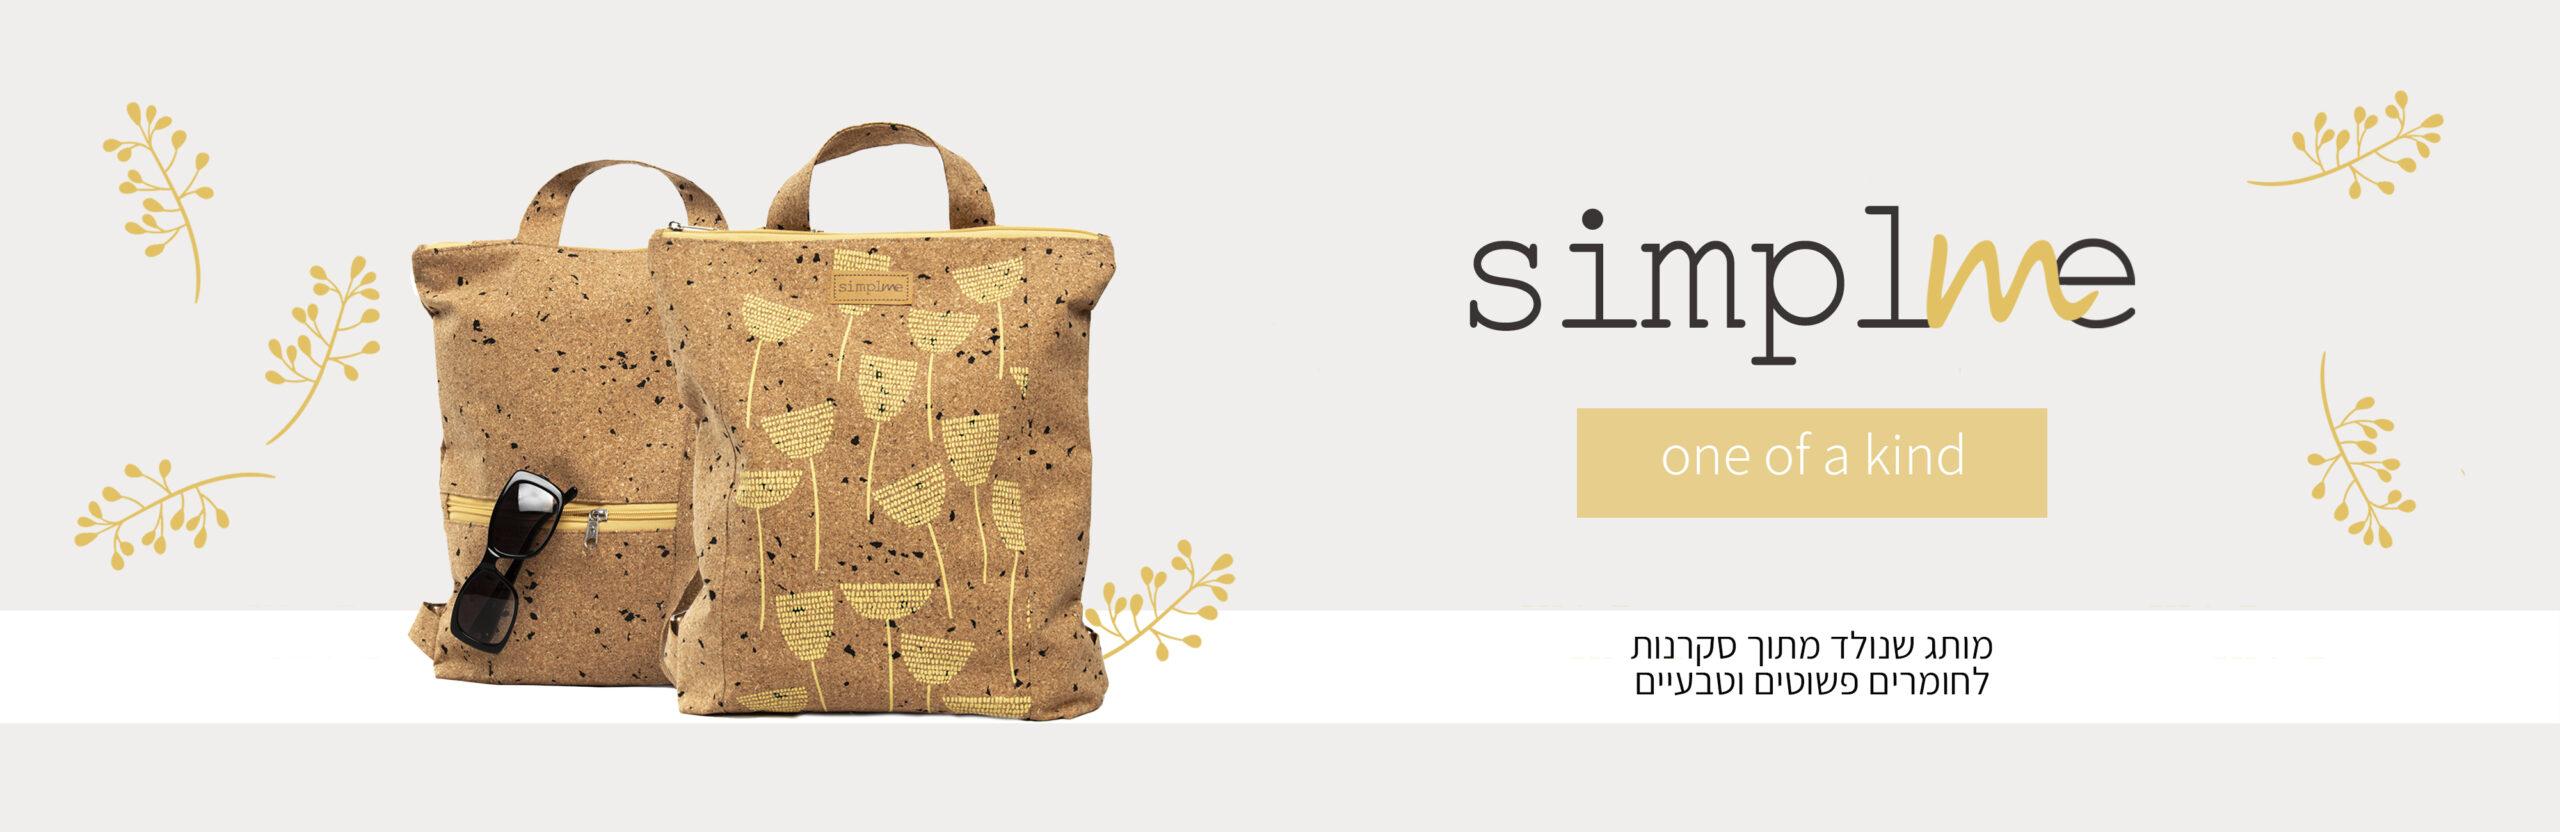 Simplme- 100% natural bags